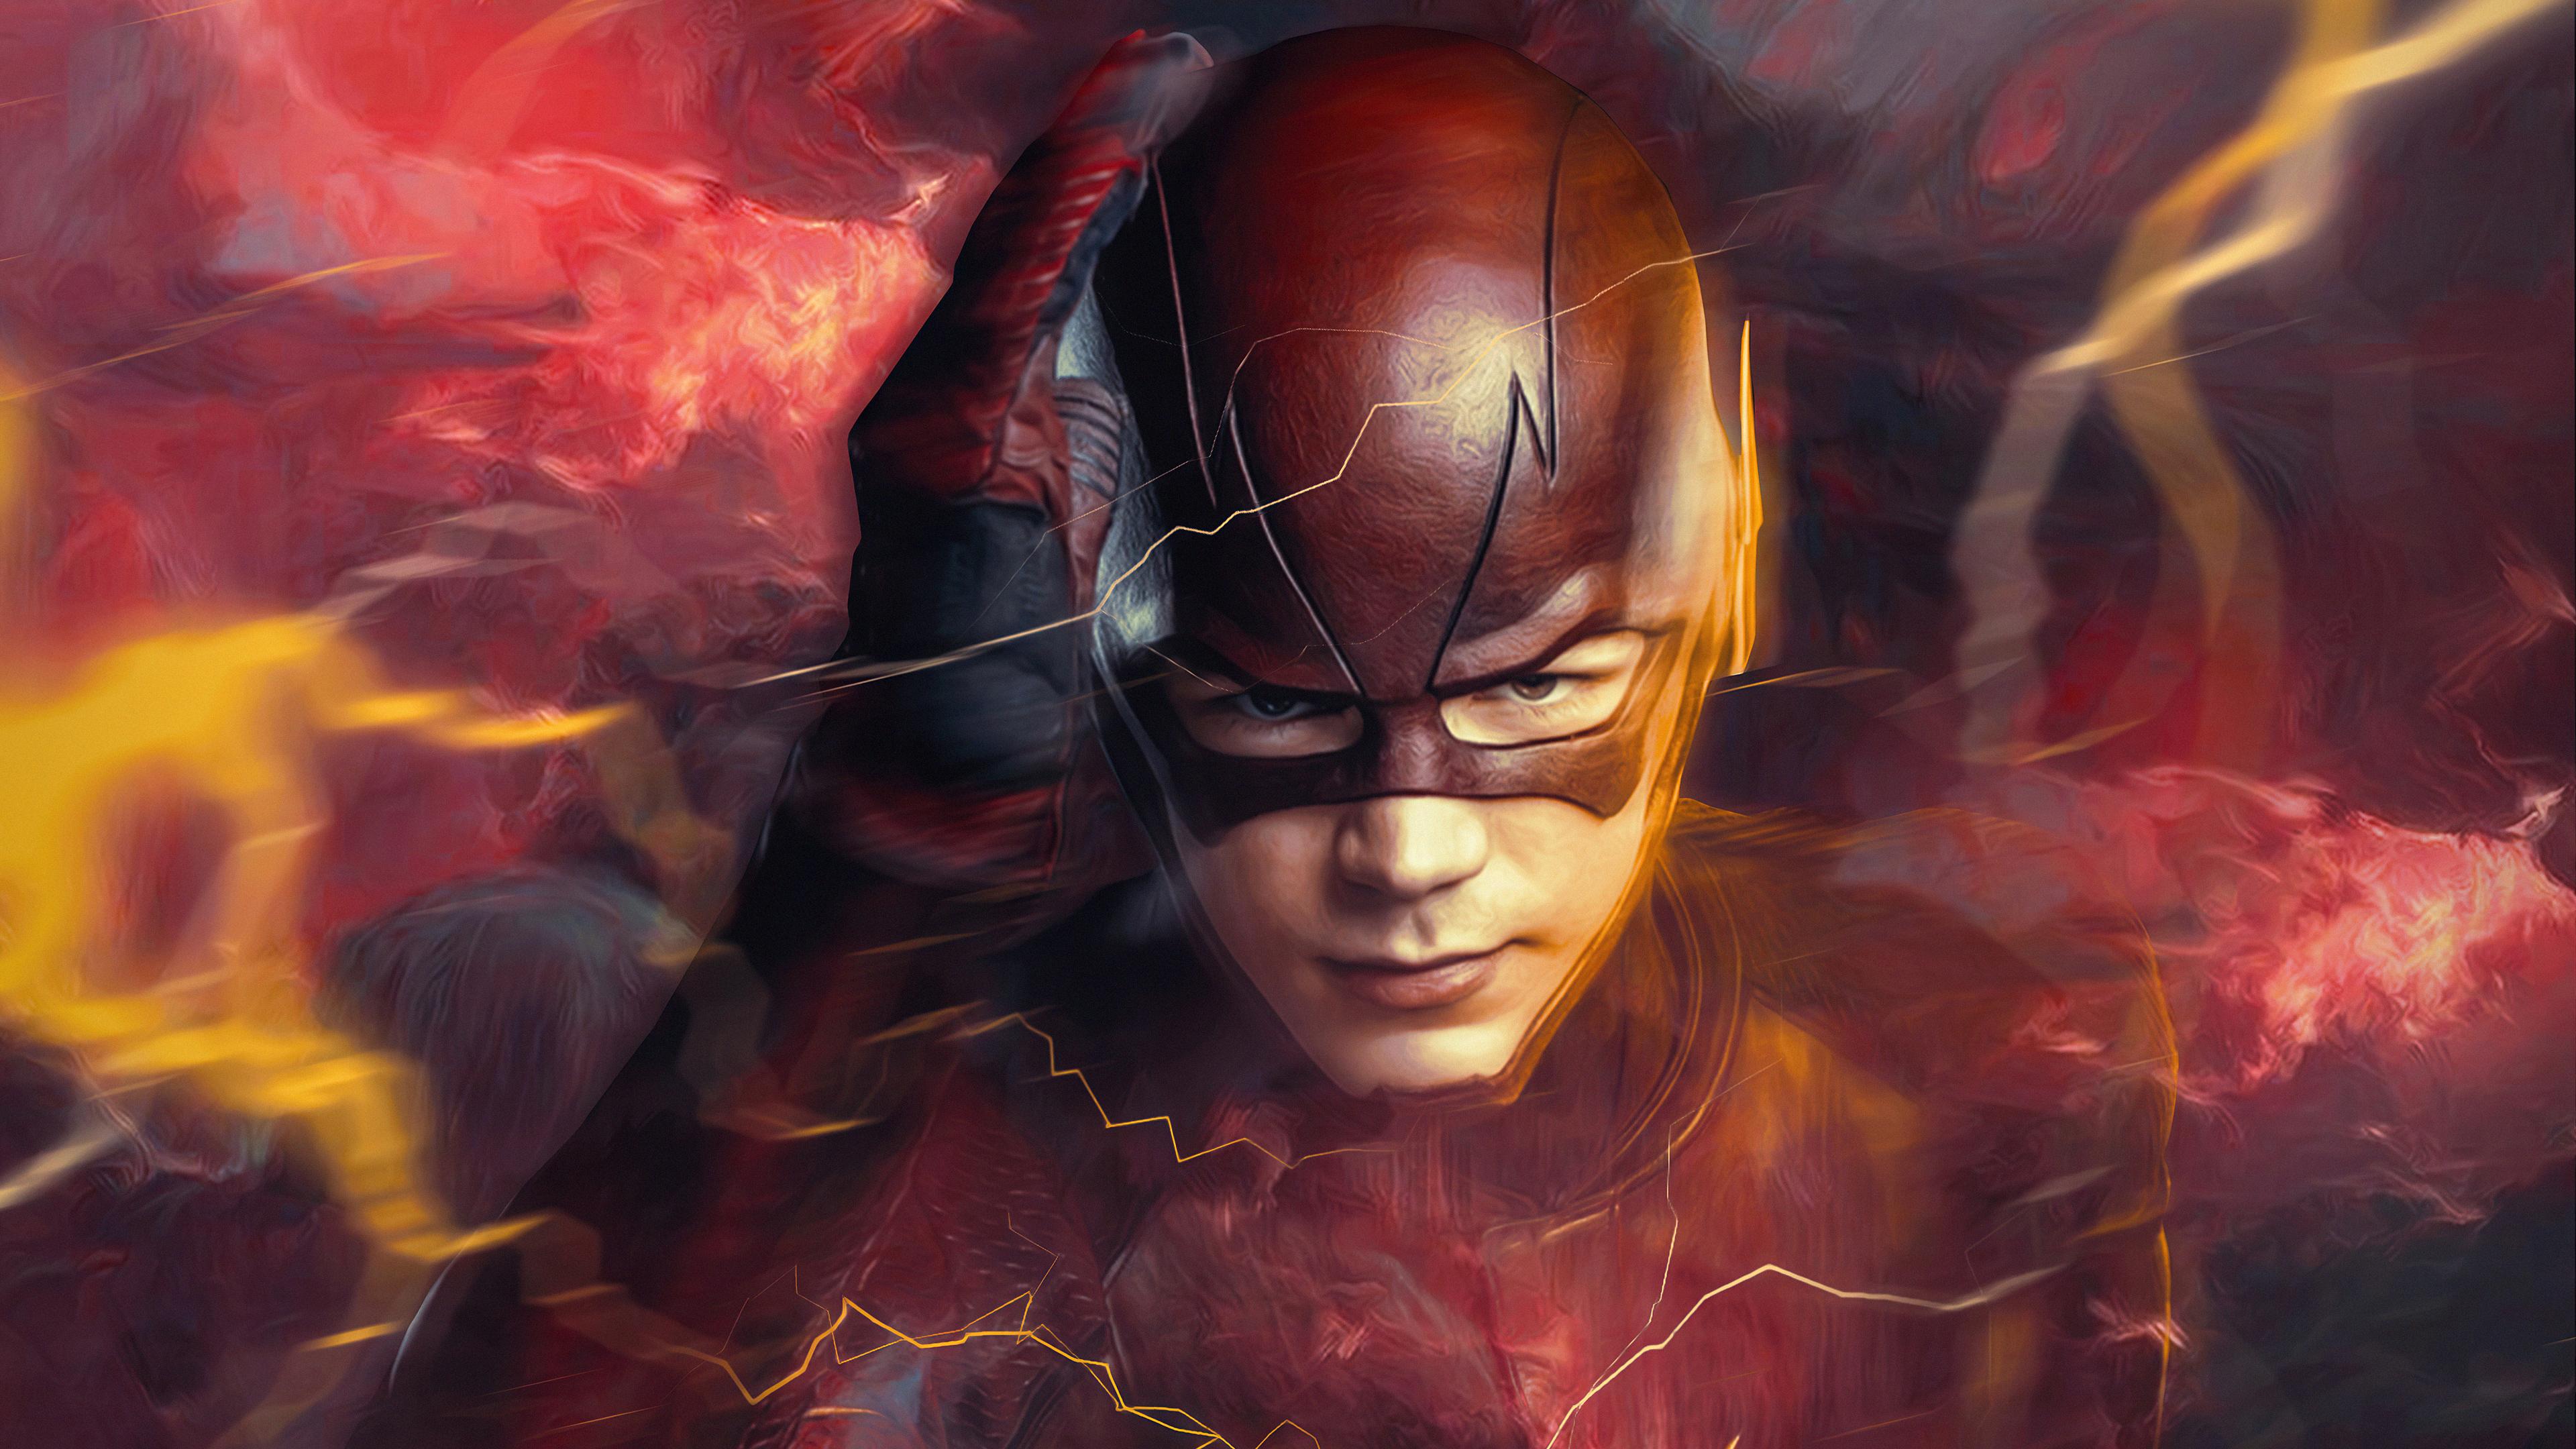 the super flash 4k 1615205141 - The Super Flash 4k - The Super Flash 4k wallpapers